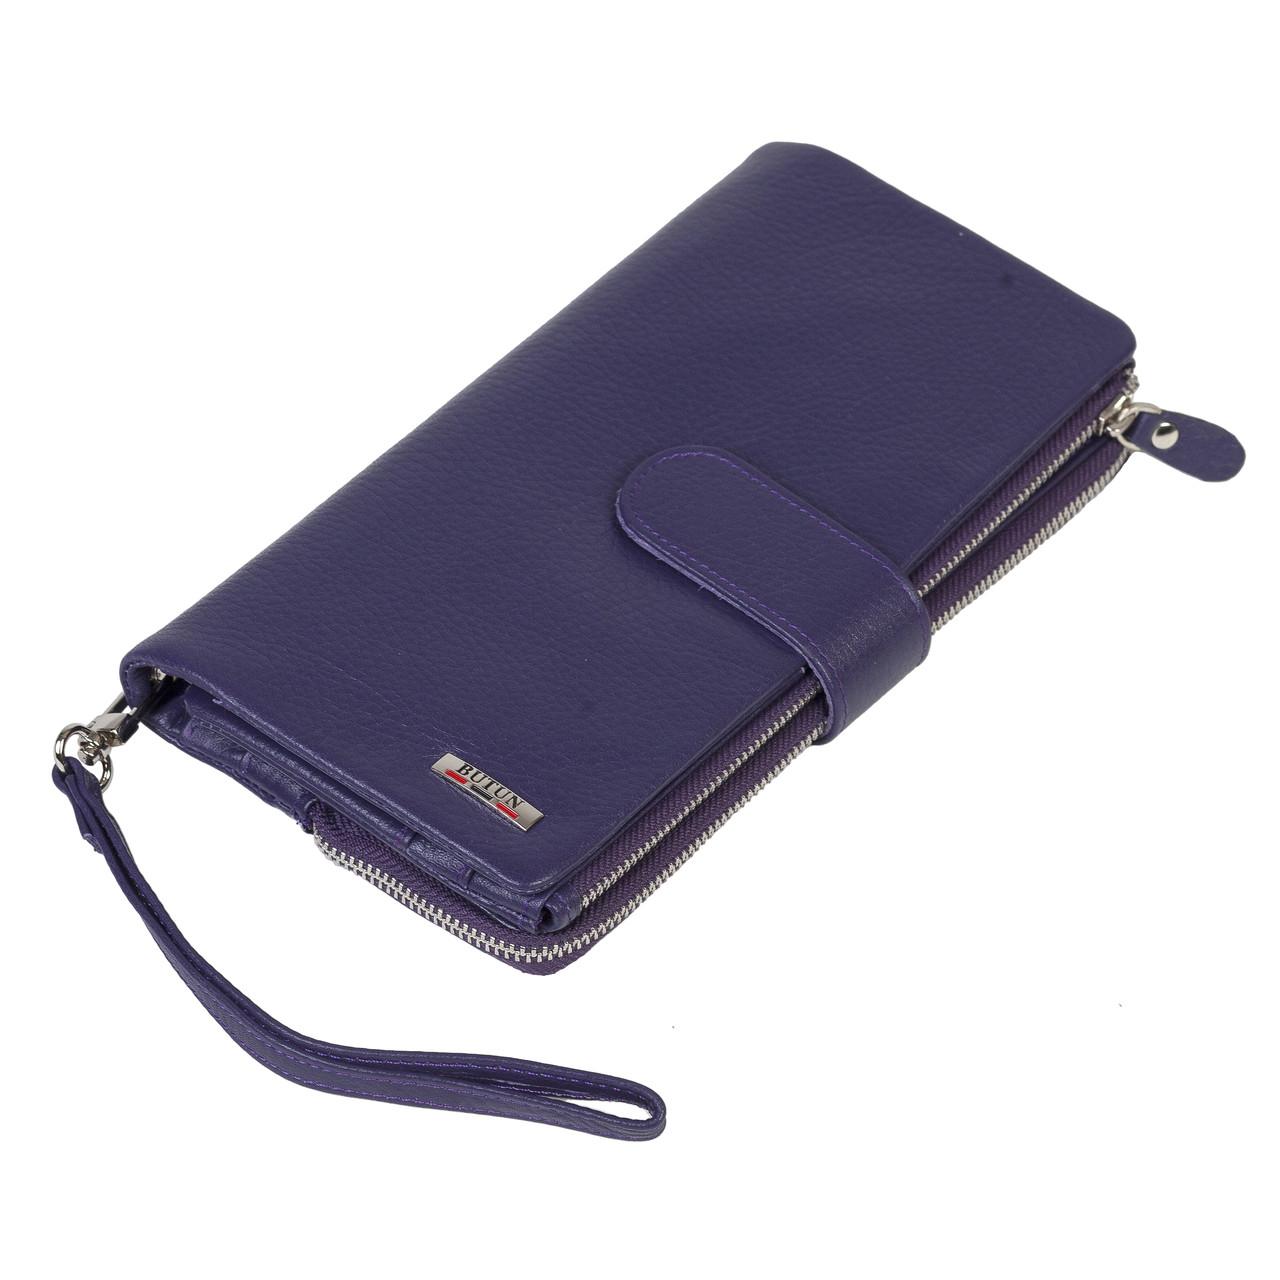 Женский кошелек клатч BUTUN 022-004-010 кожаный фиолетовый